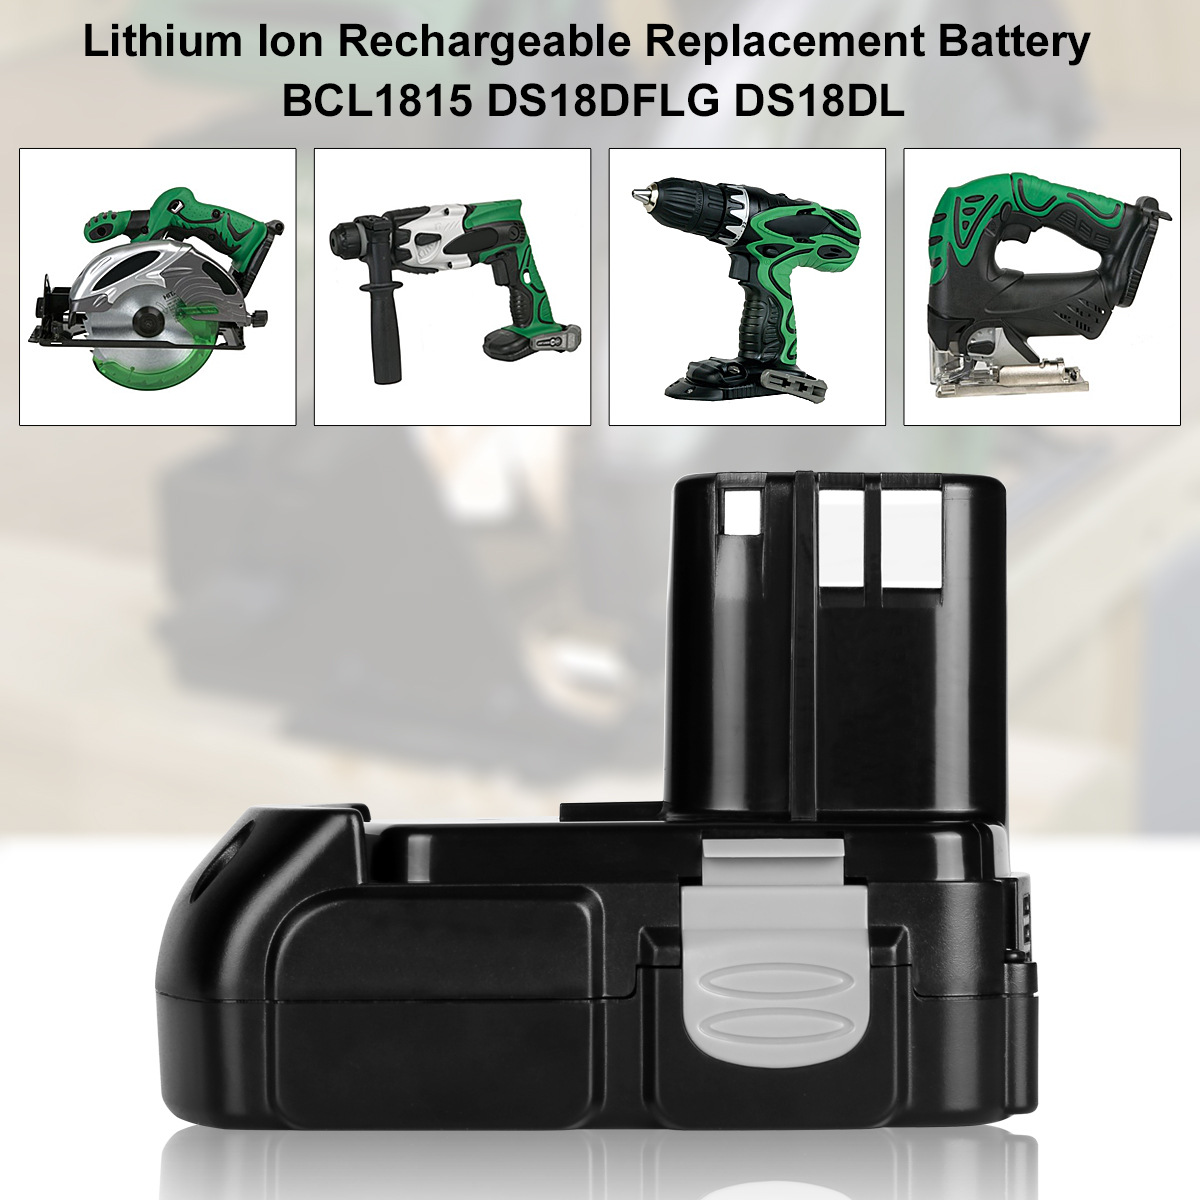 18V 2.0Ah Lithium Rechargeable Battery for Hitachi BCL1815 BCL1830 EBM1830 DS18DFL CJ18DL DS18DL WR18DMR Power Tools Batteria